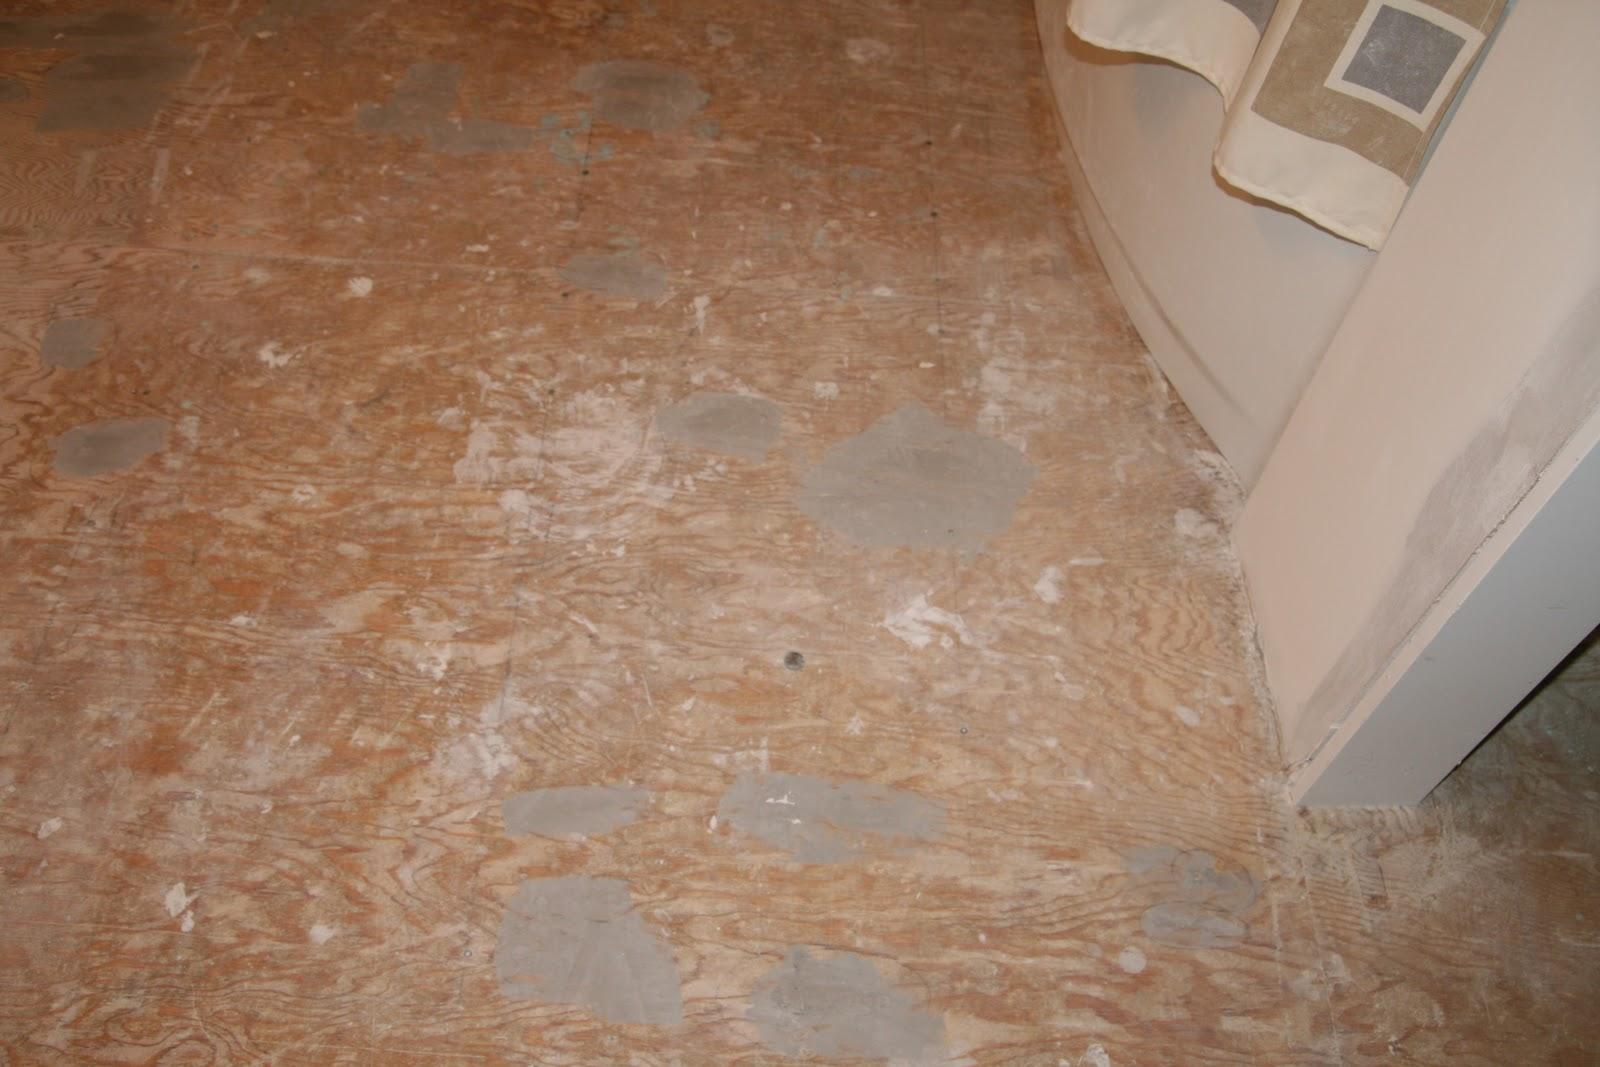 Squeaky39s bathroom reno for Squeaky bathroom floor